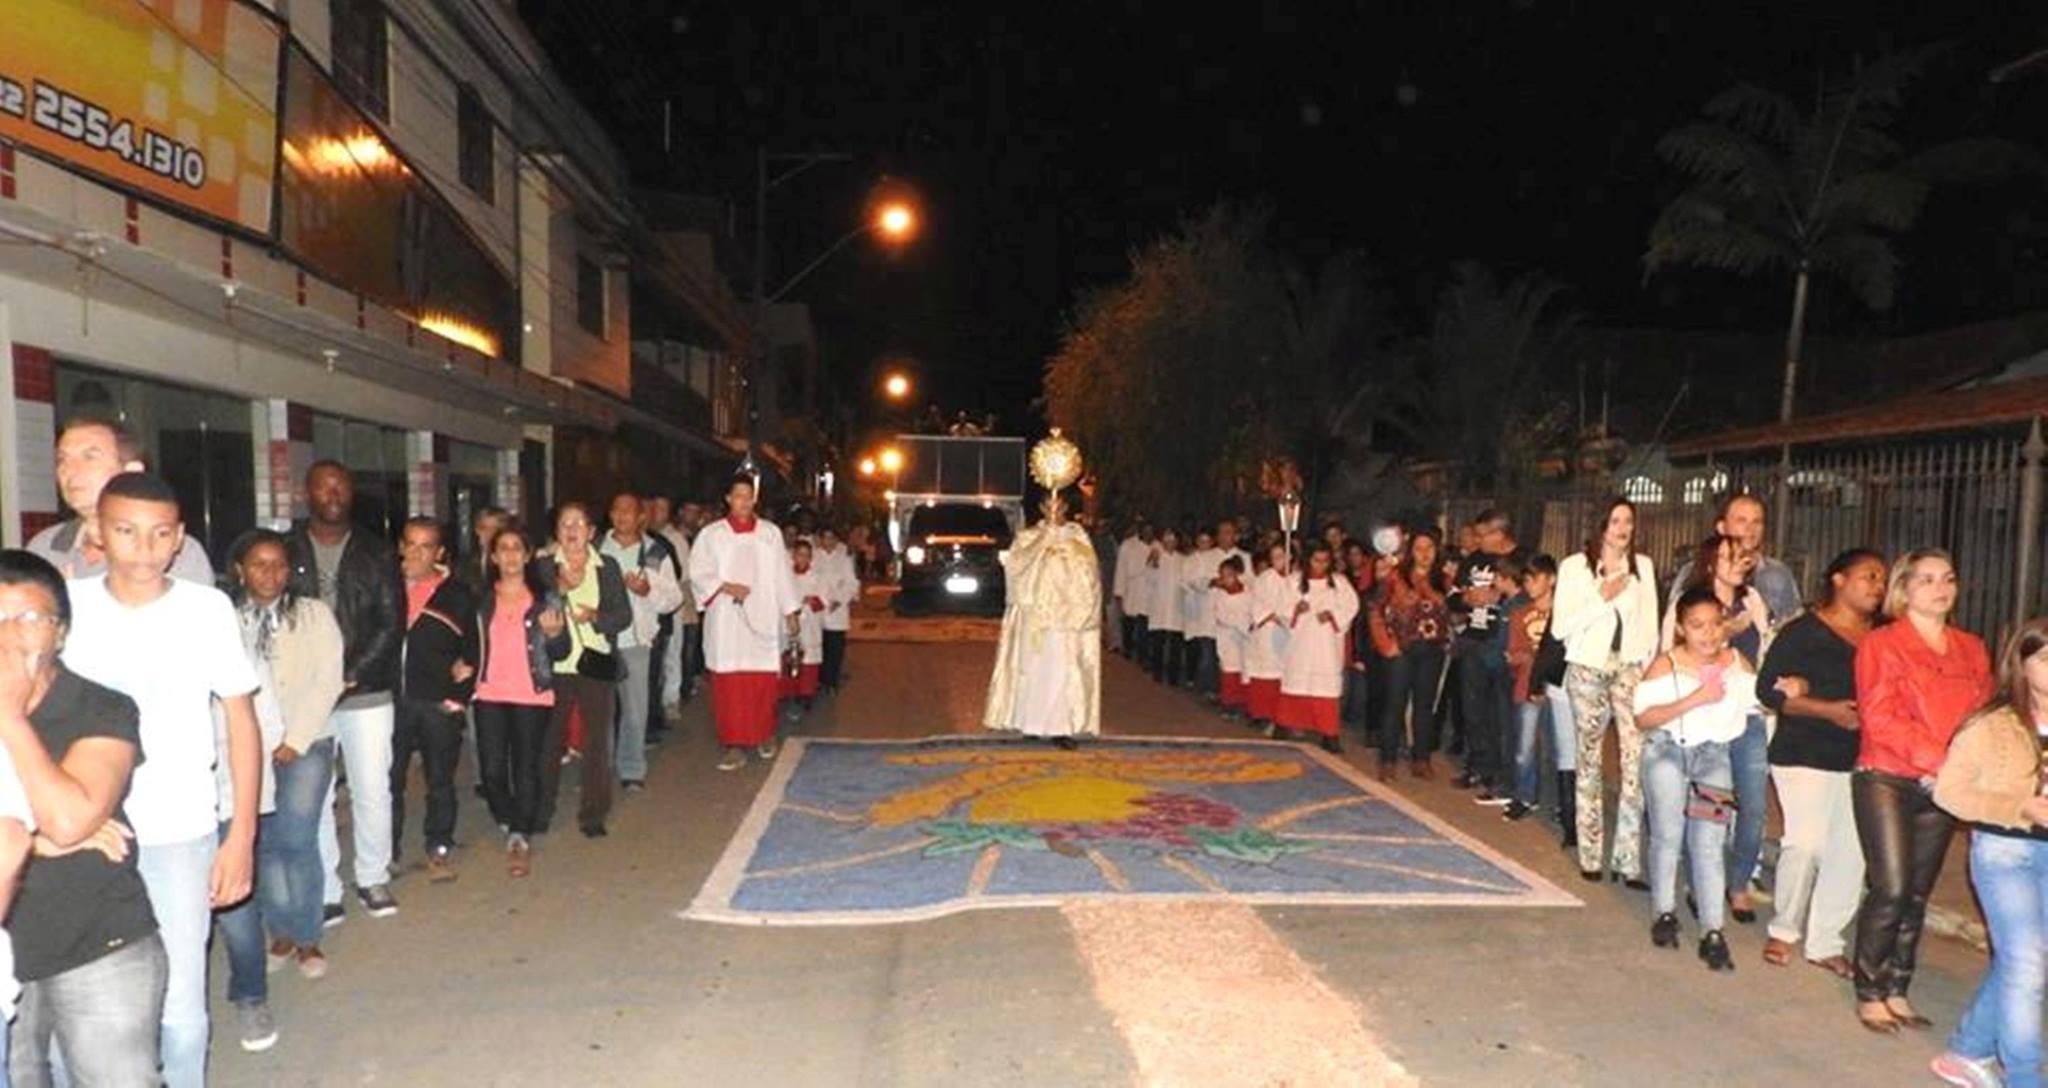 Missa e procissão marcam feriado de Corpus Christi em Macuco